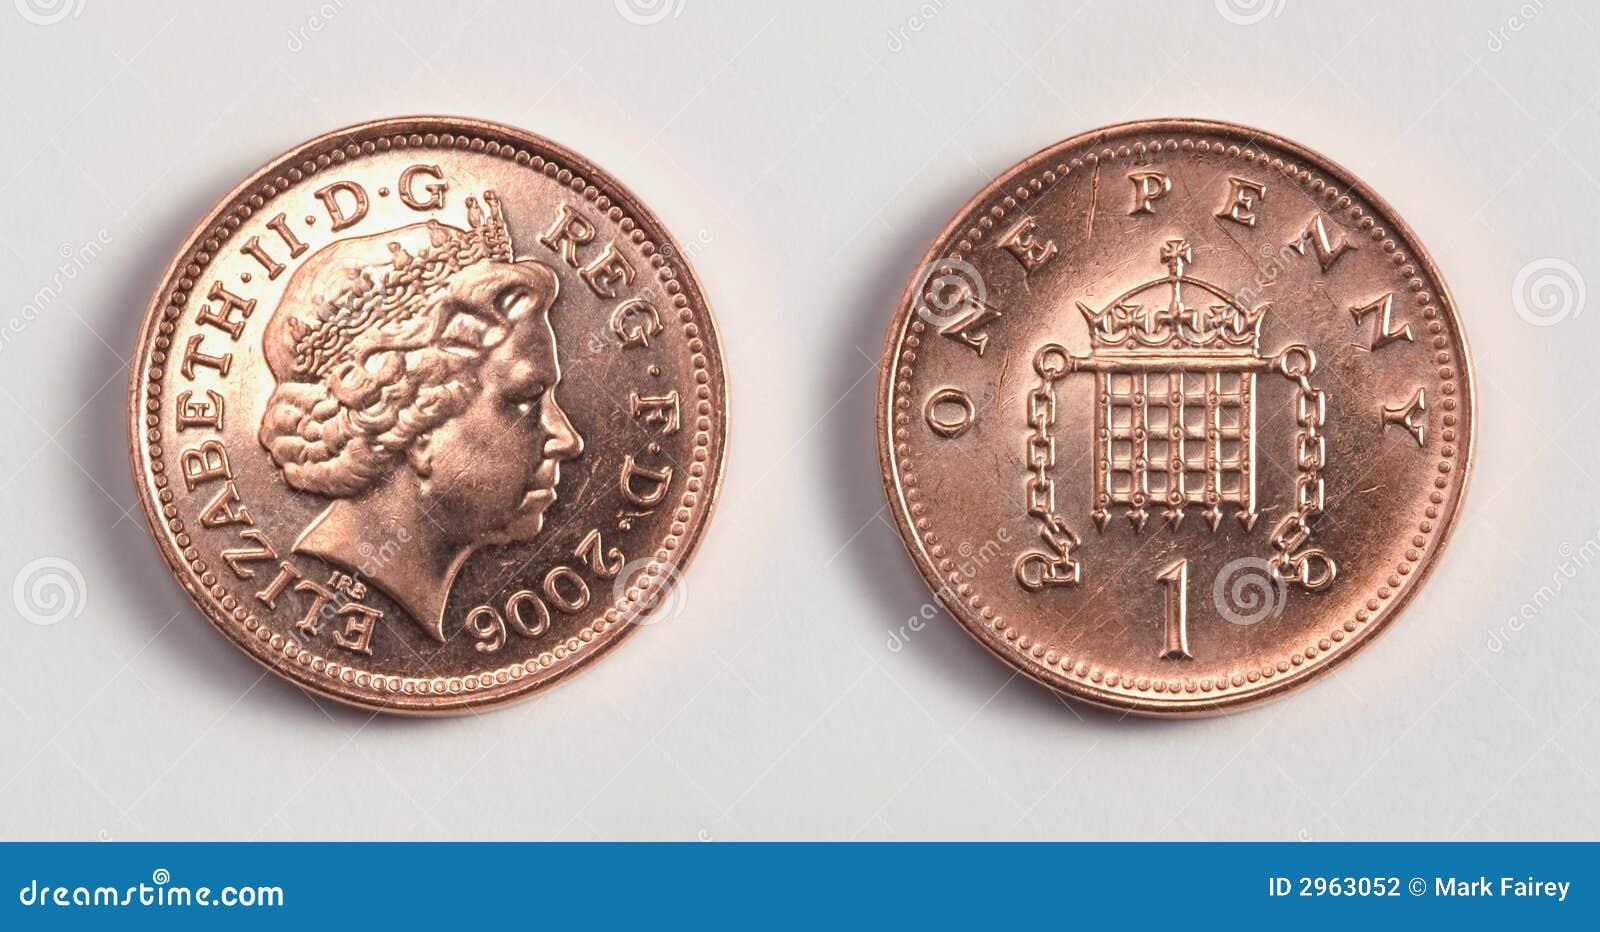 Twee kanten van het zelfde muntstuk